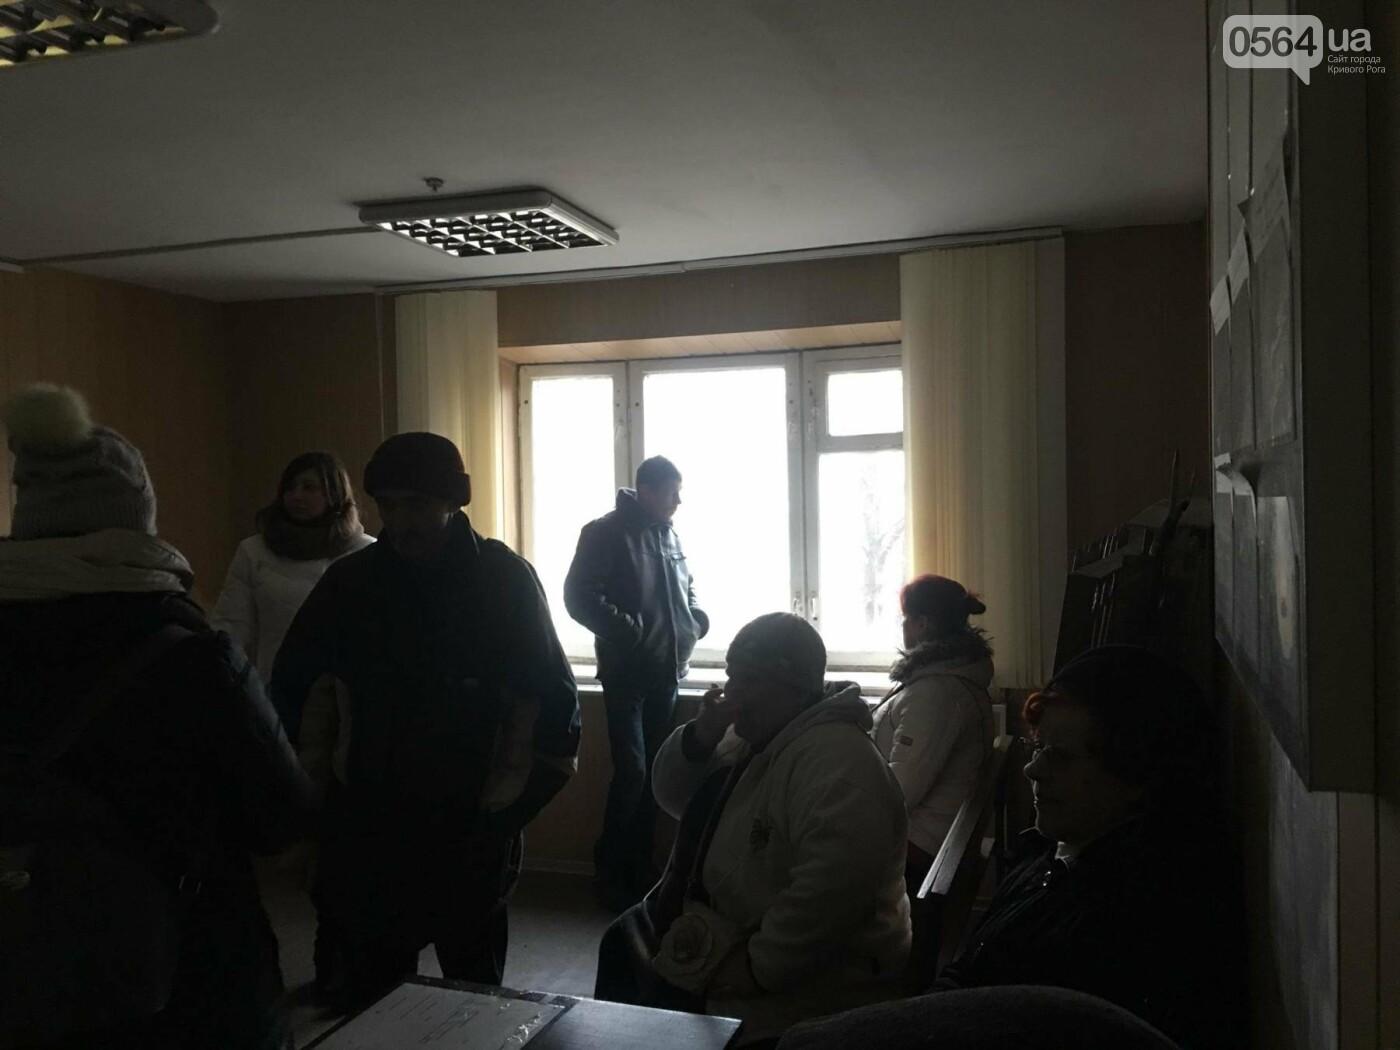 Сегодня в Кривом Роге продолжается суд над горожанином, надругавшимся над Флагом Украины (ФОТО), фото-1